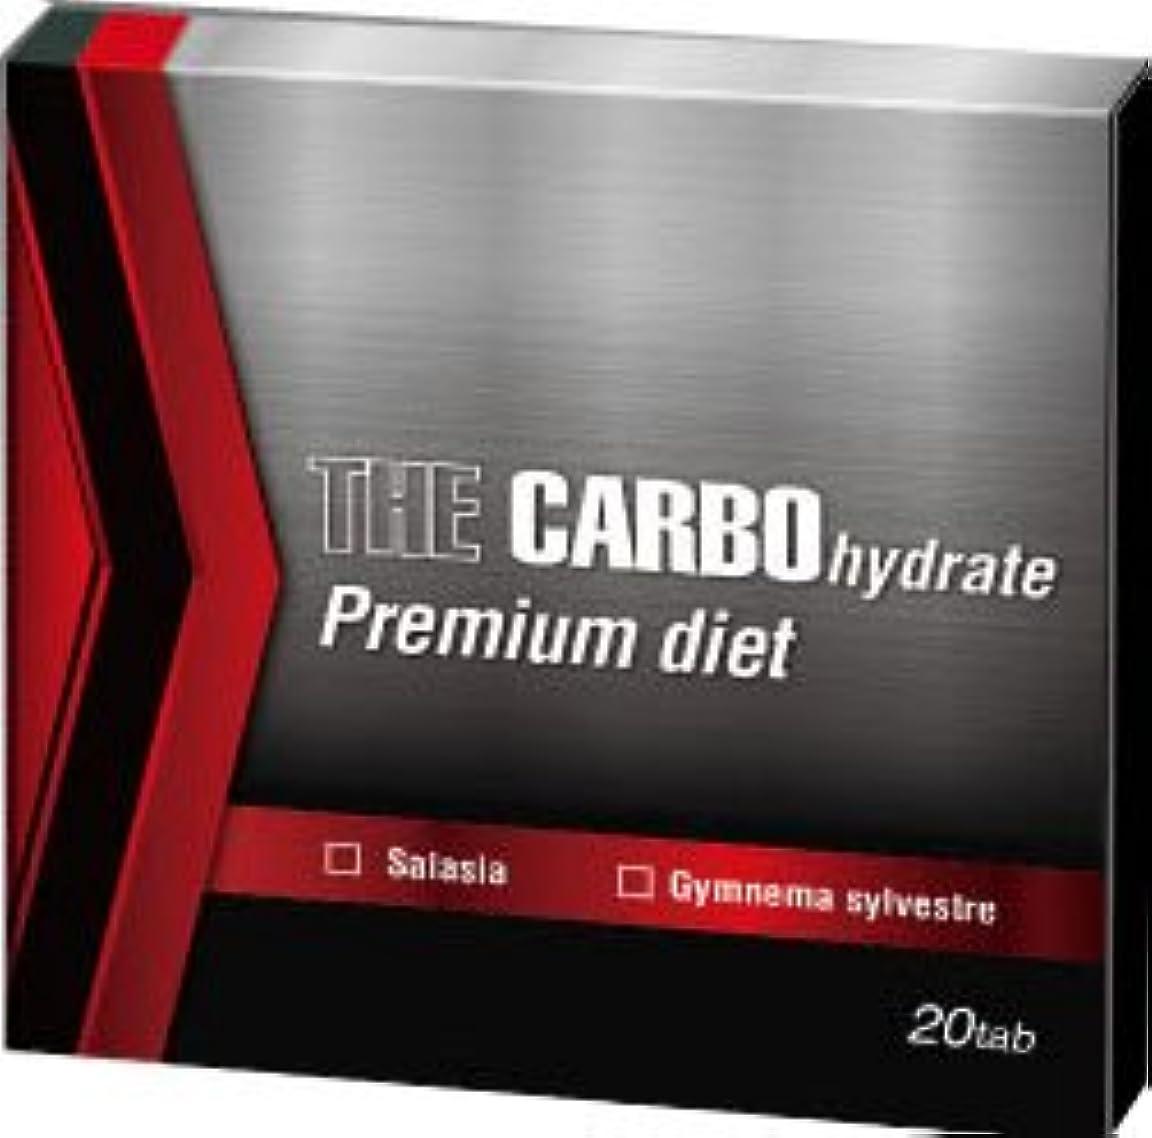 天使仮装フィットネスザ?糖質プレミアムダイエット20Tab〔THE CARBO hydrate Premium daiet〕